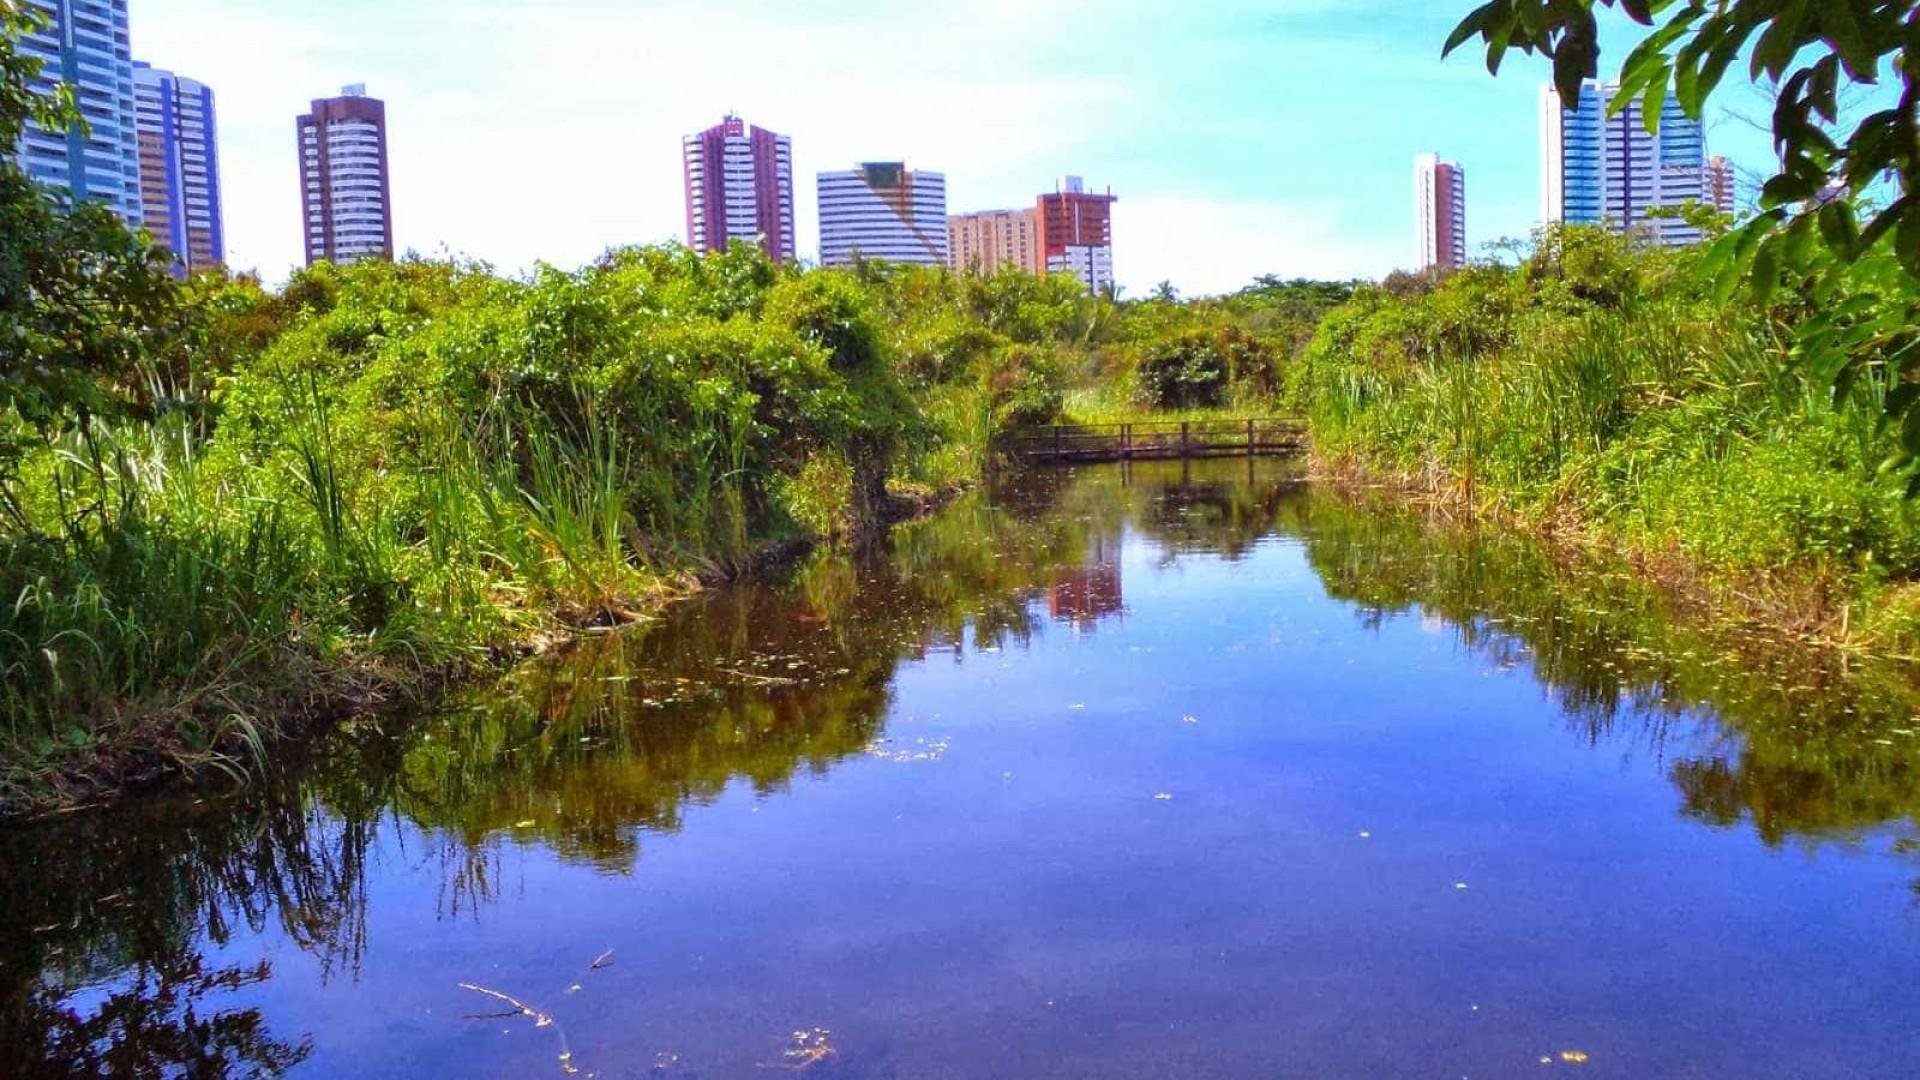 Abraço simbólico alerta para ameaça ambiental em Fortaleza